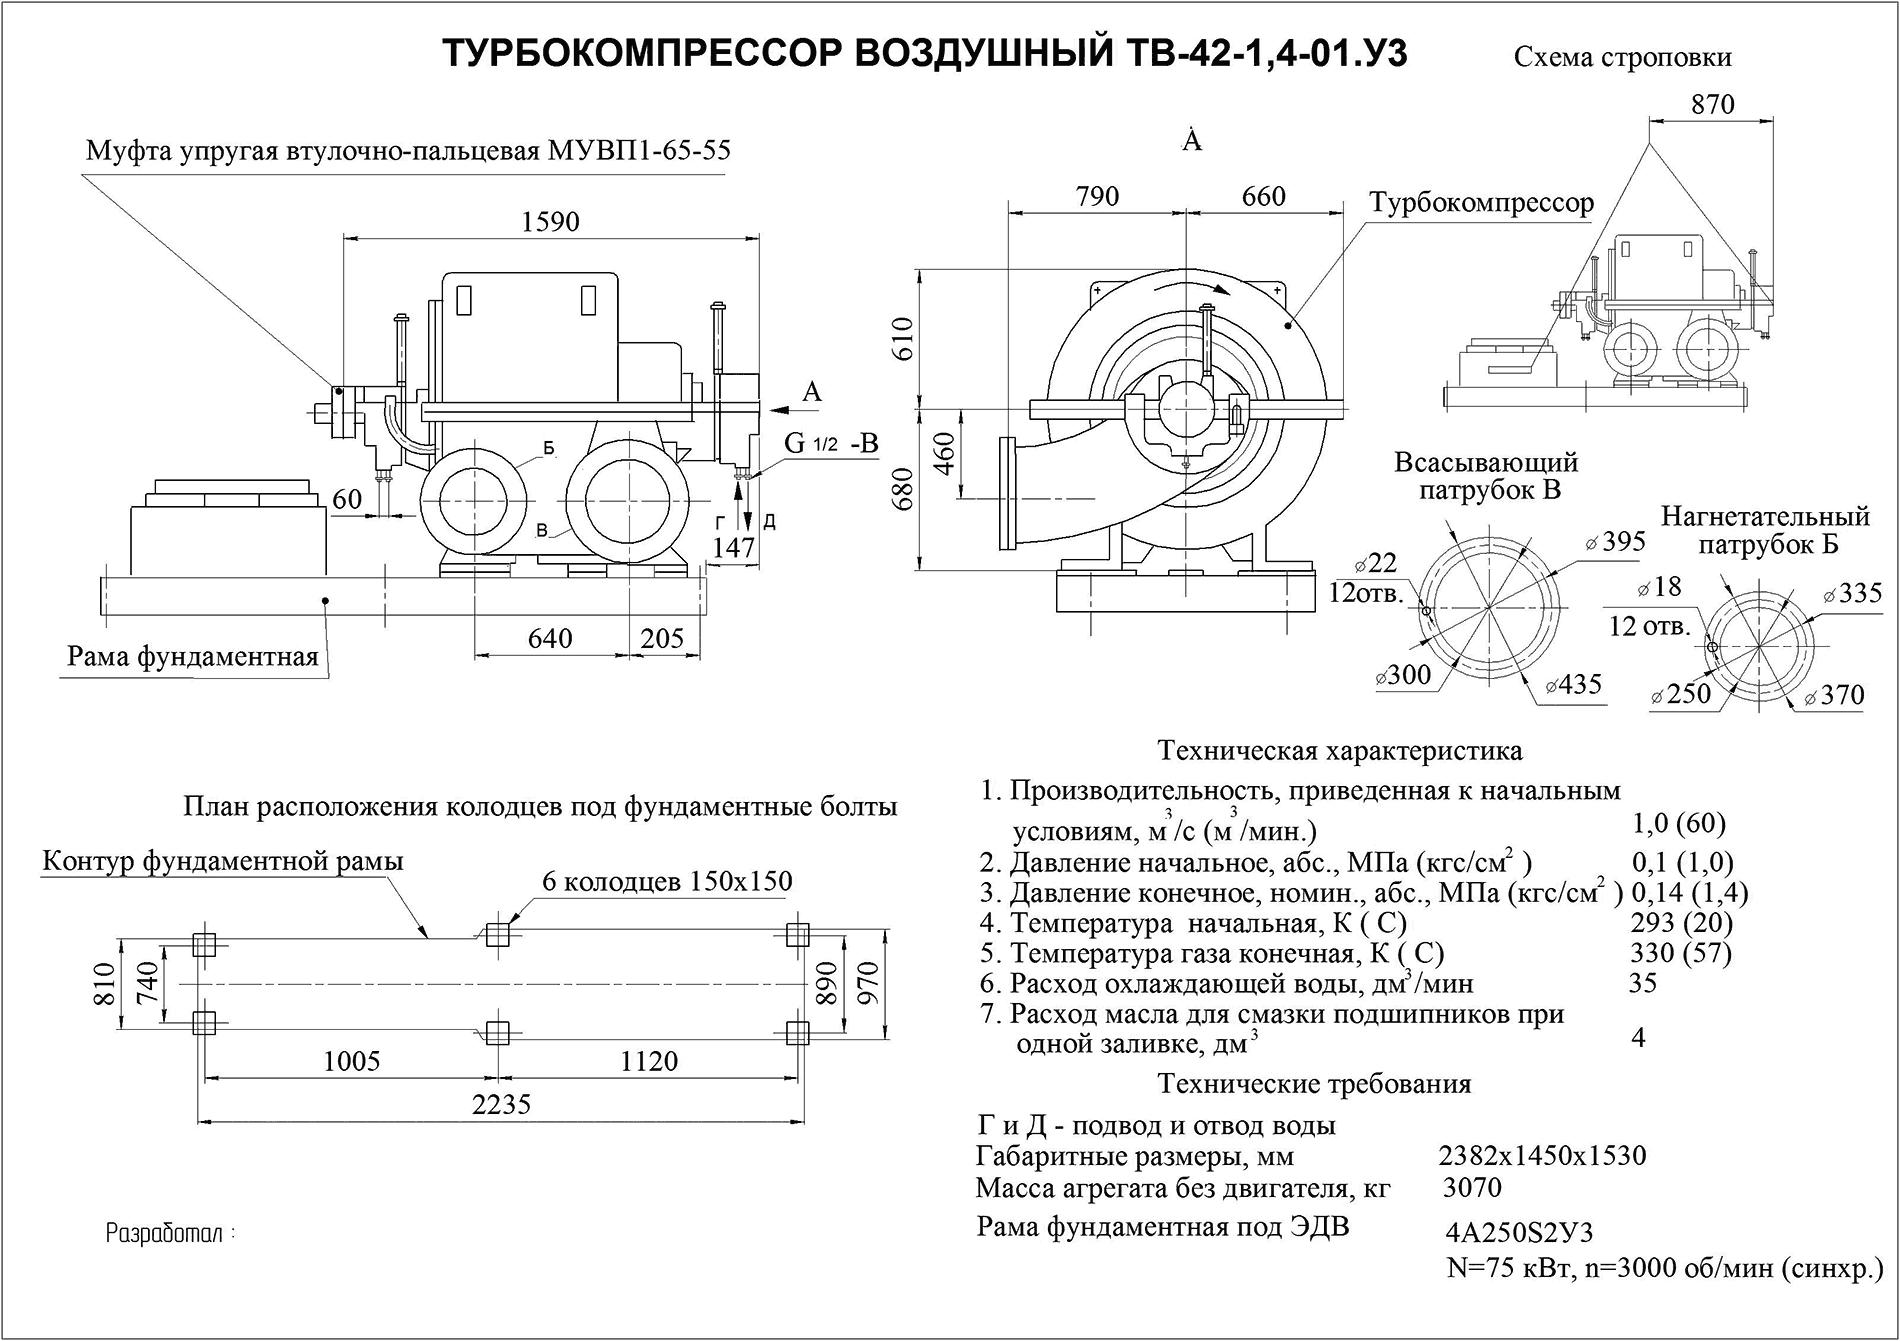 техническое описание ТВ-42-1,4-01У3